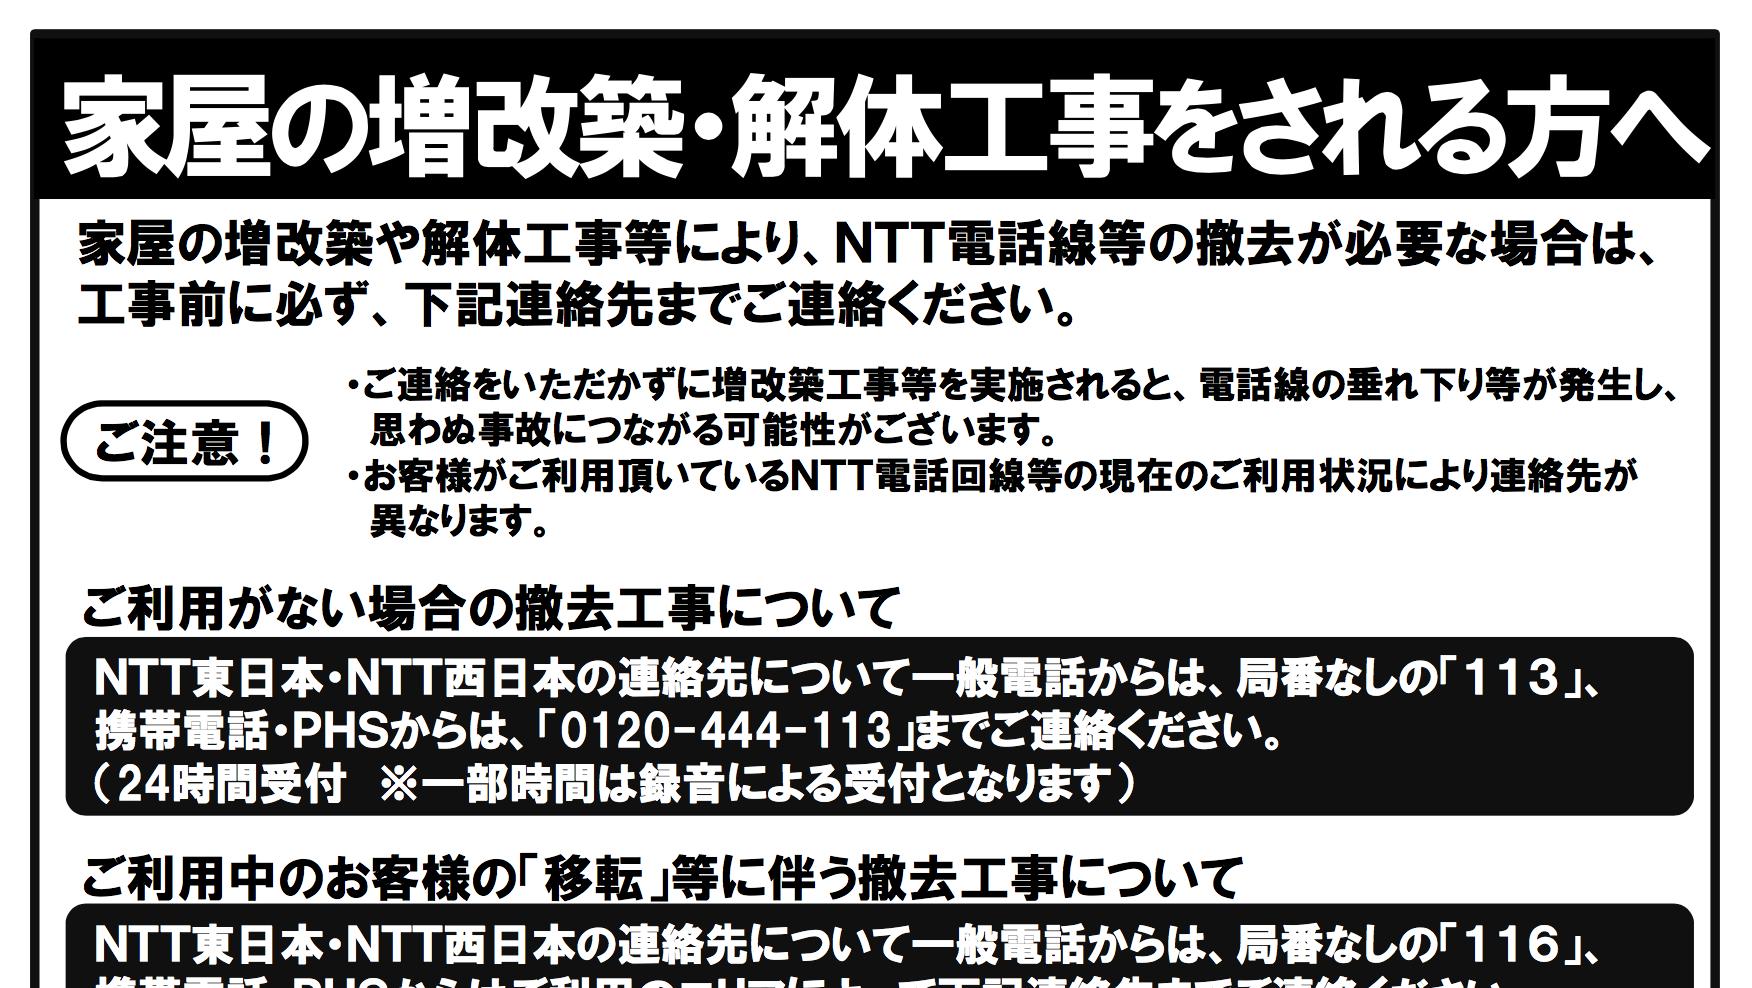 スクリーンショット 2015-06-11 16.27.13